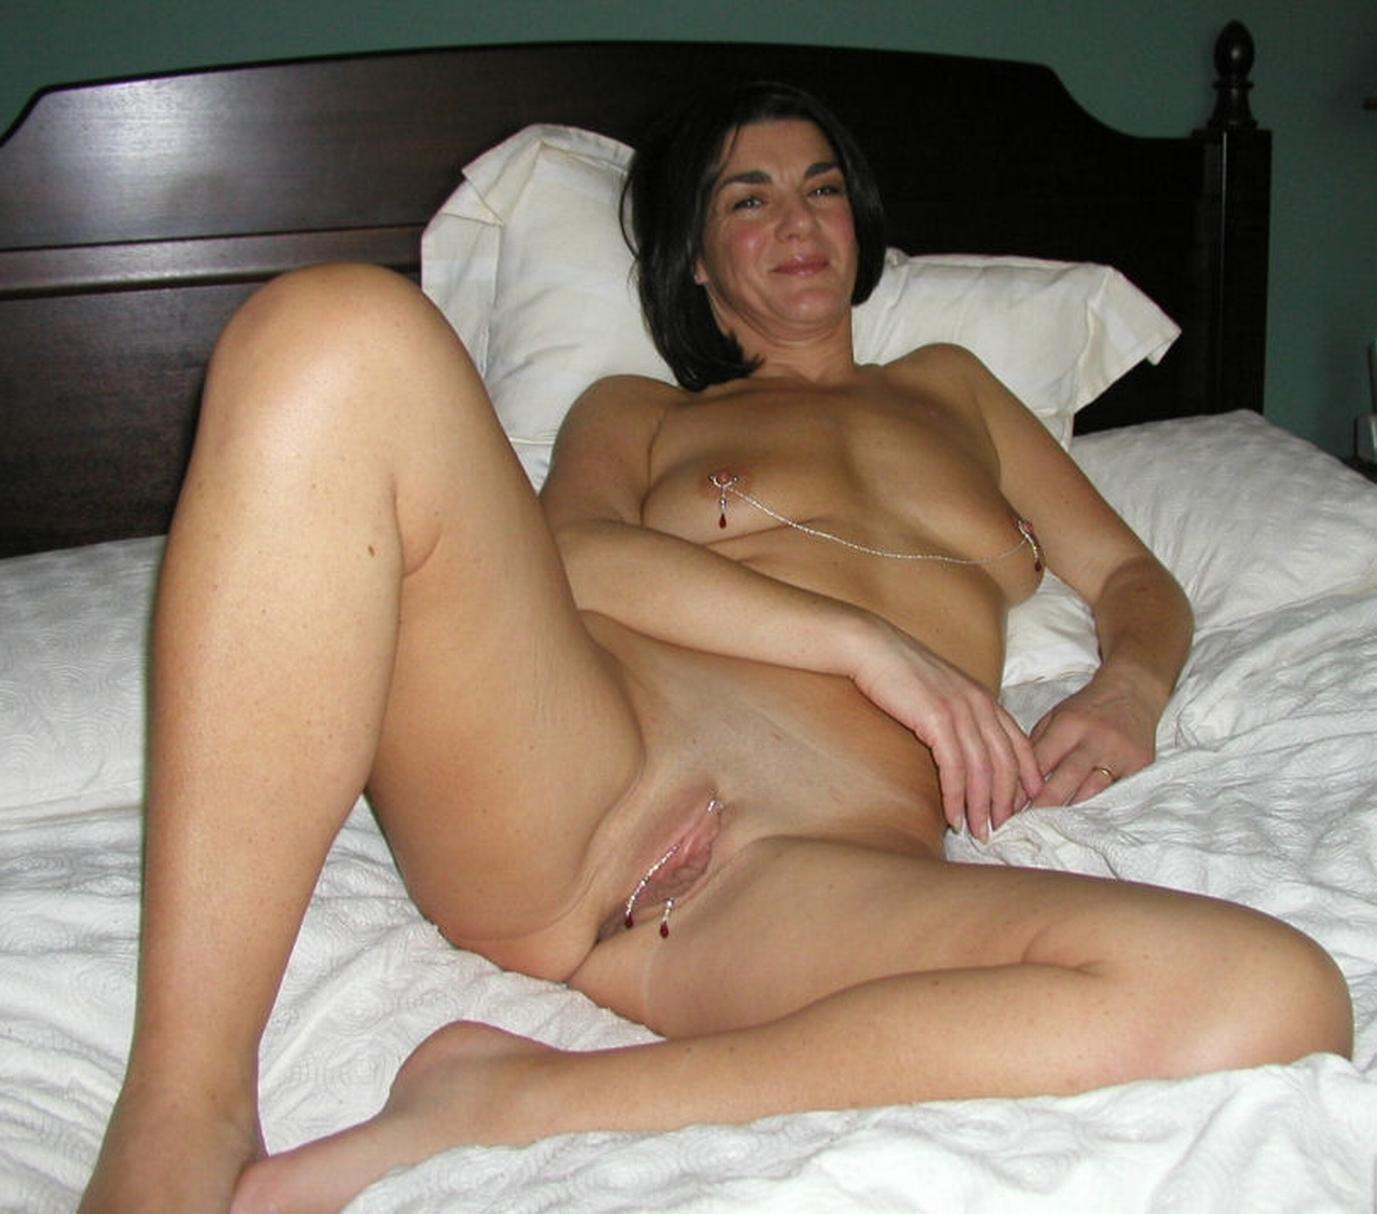 Nude amateur mature babes pics haze licking